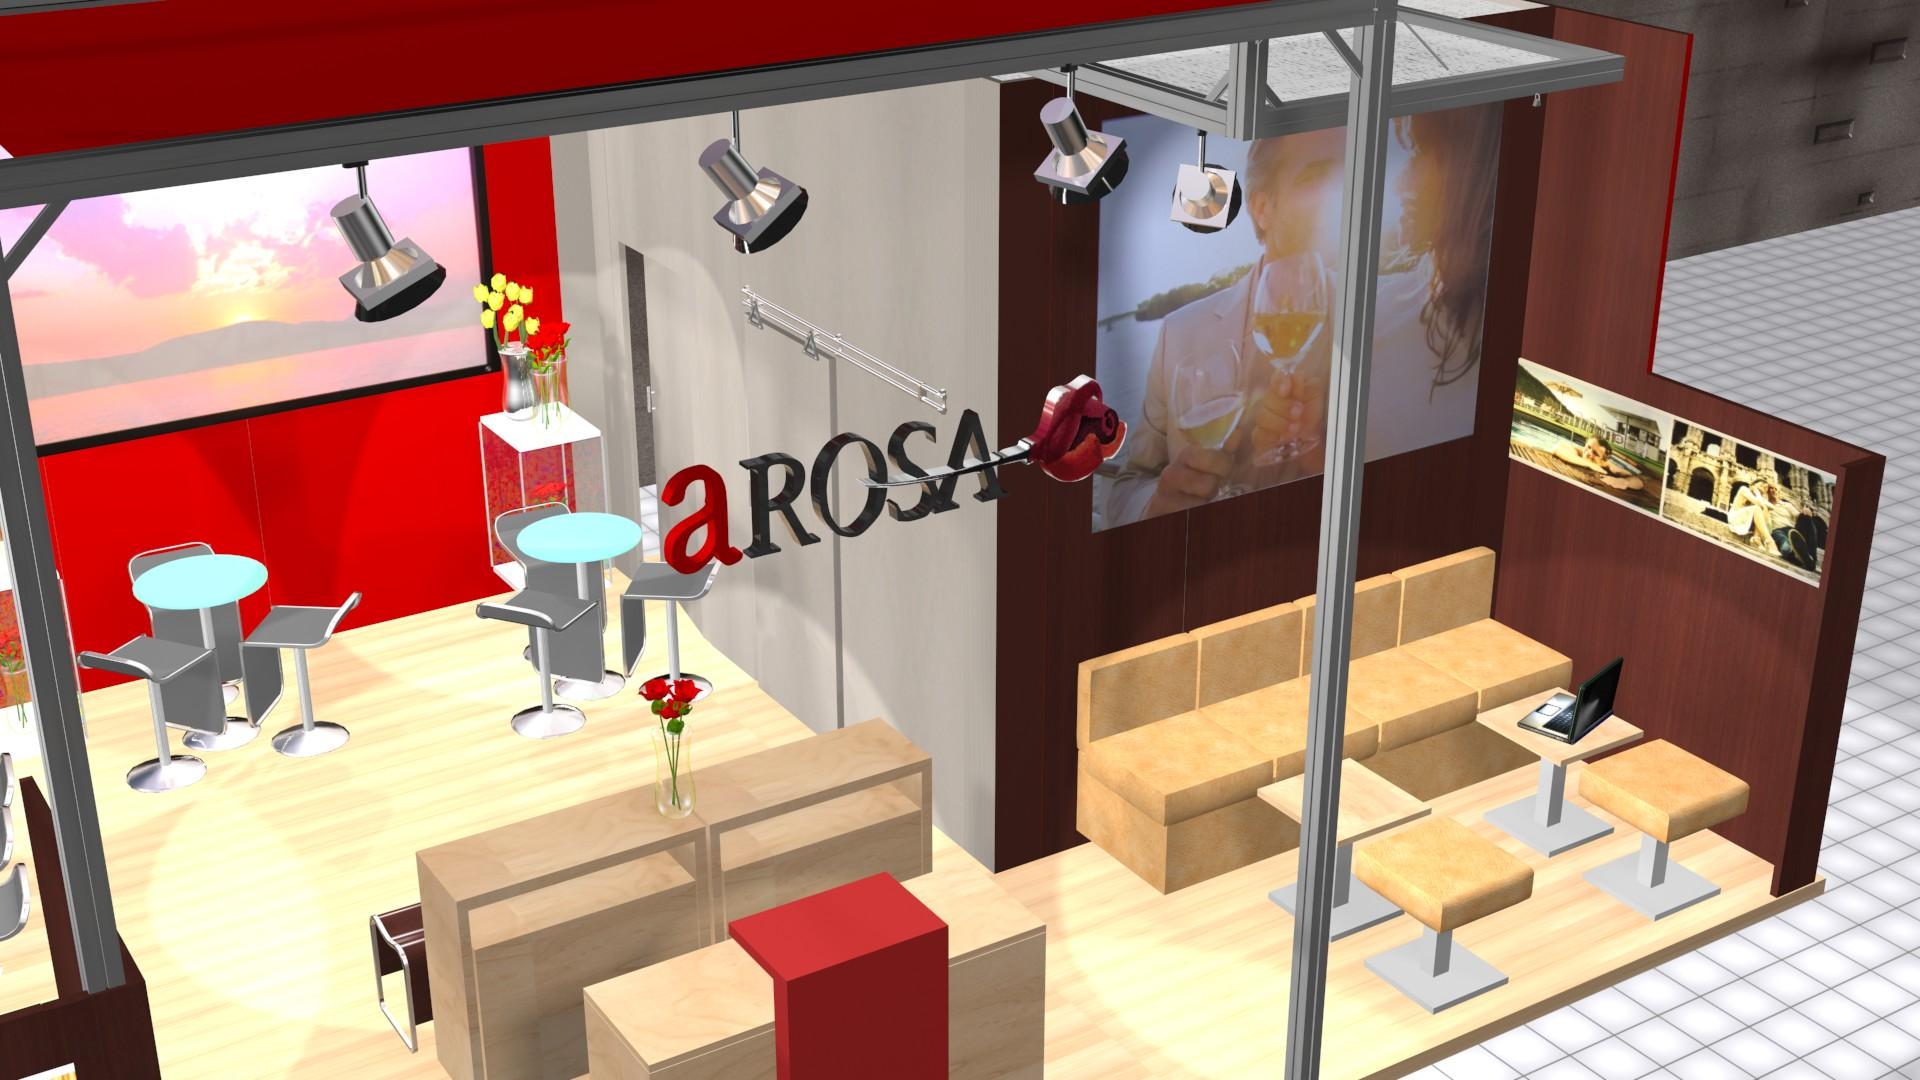 VMS-Arosa_2.06.0010030